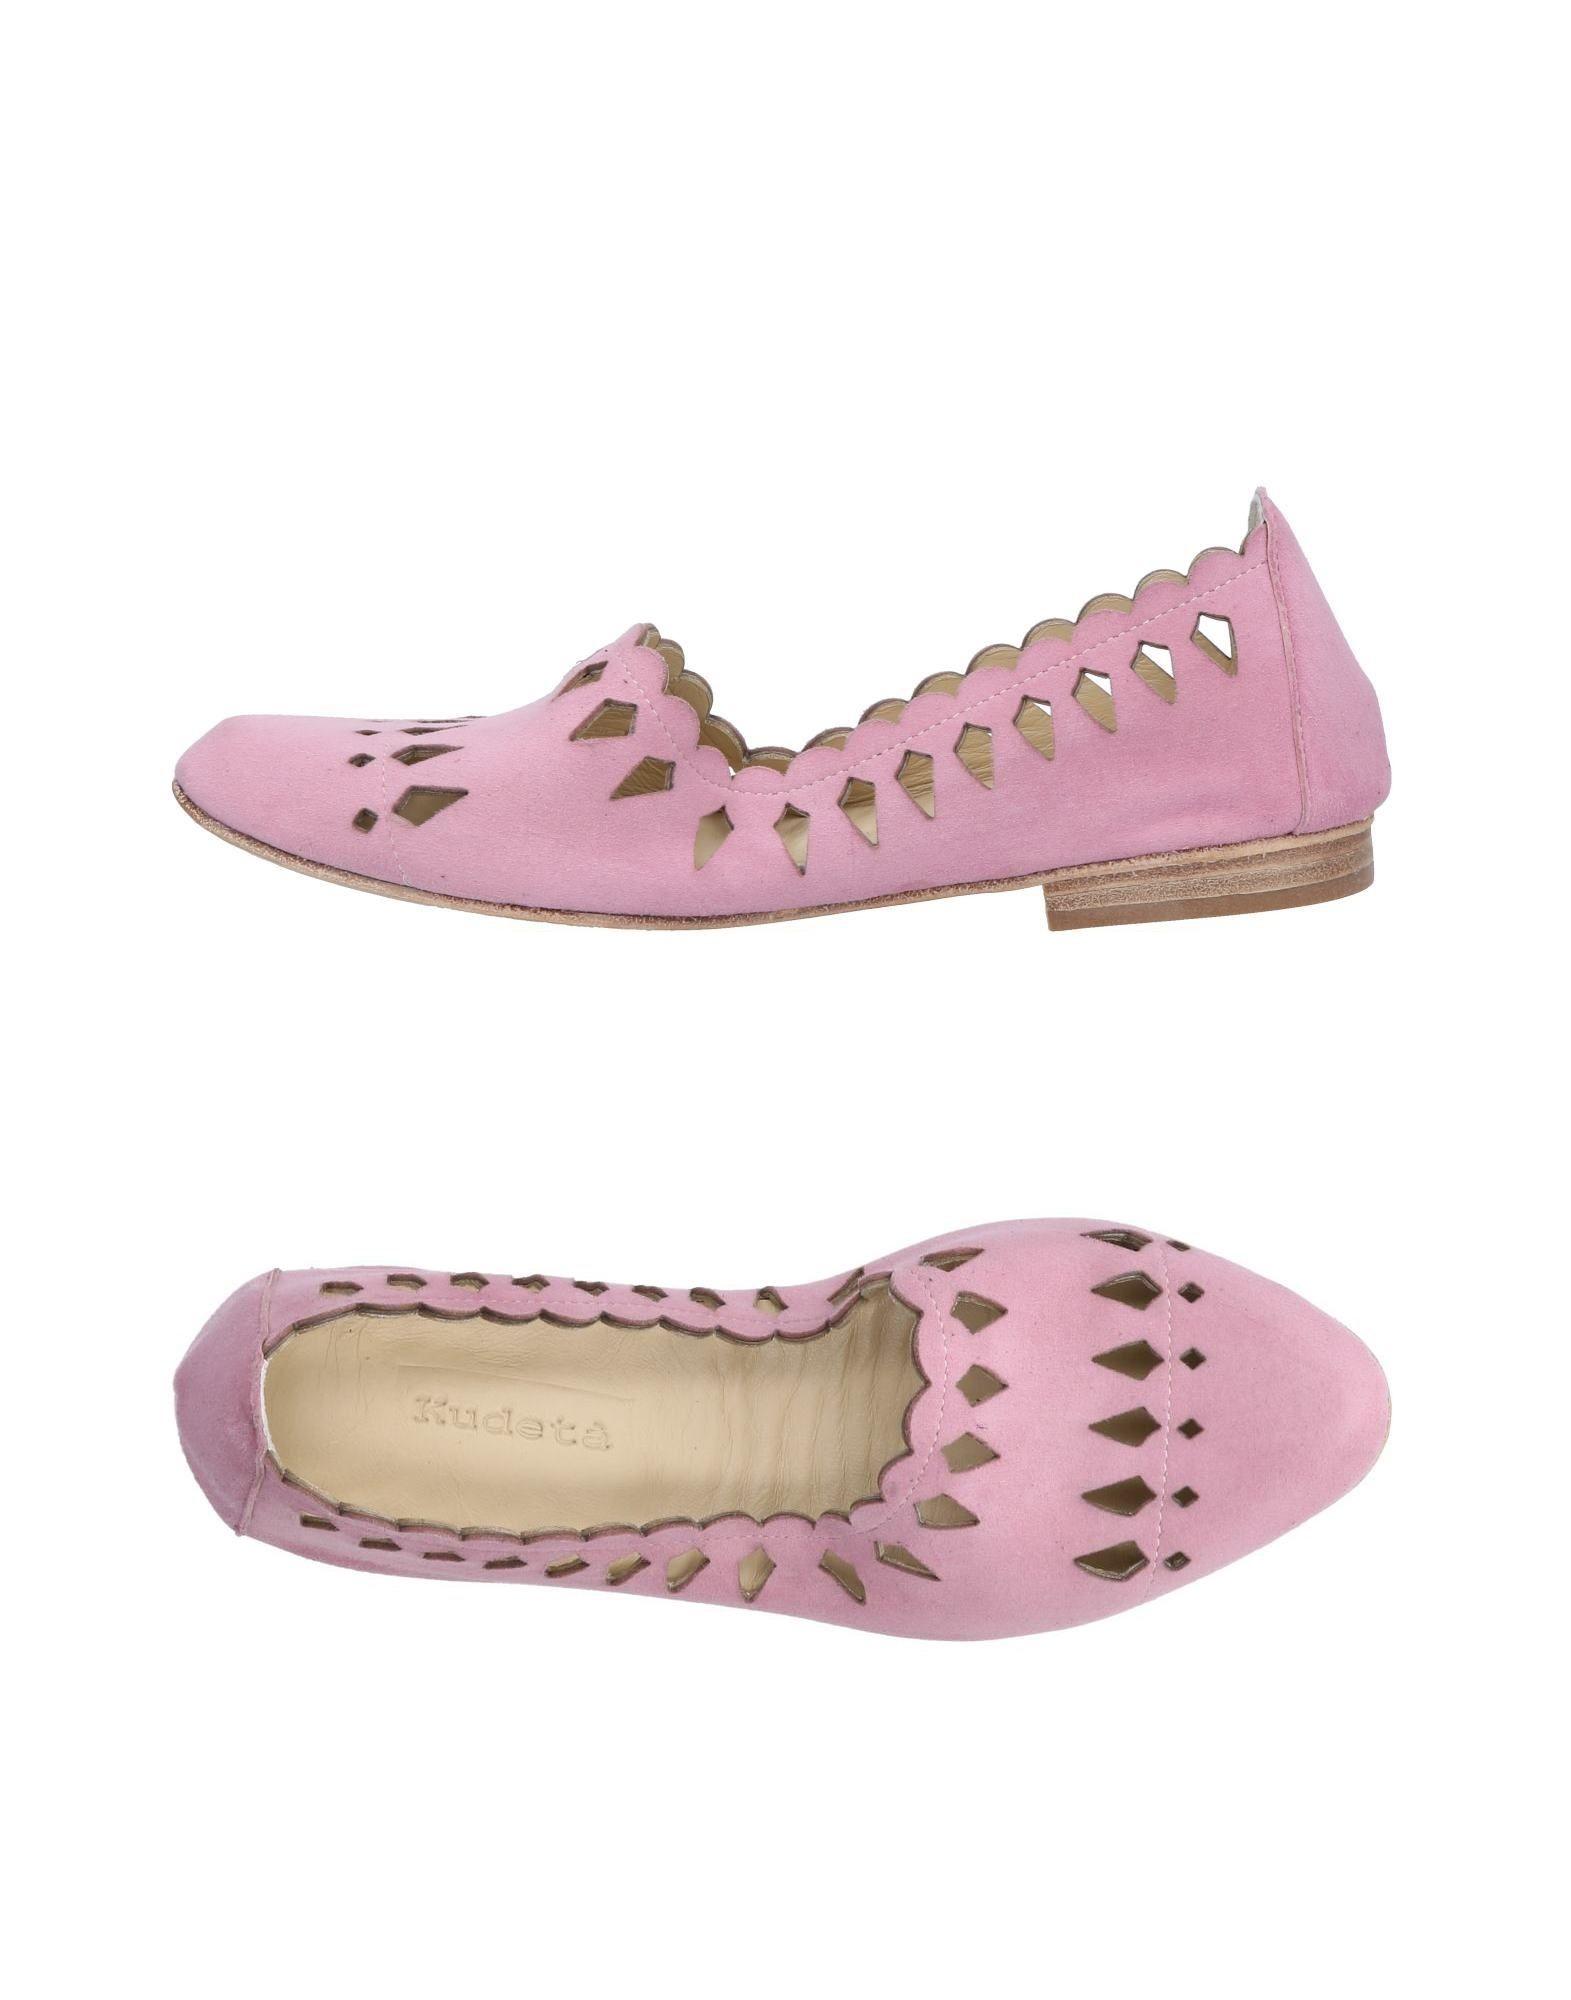 Kudetà Mokassins Damen  11366732LN Gute Qualität beliebte Schuhe